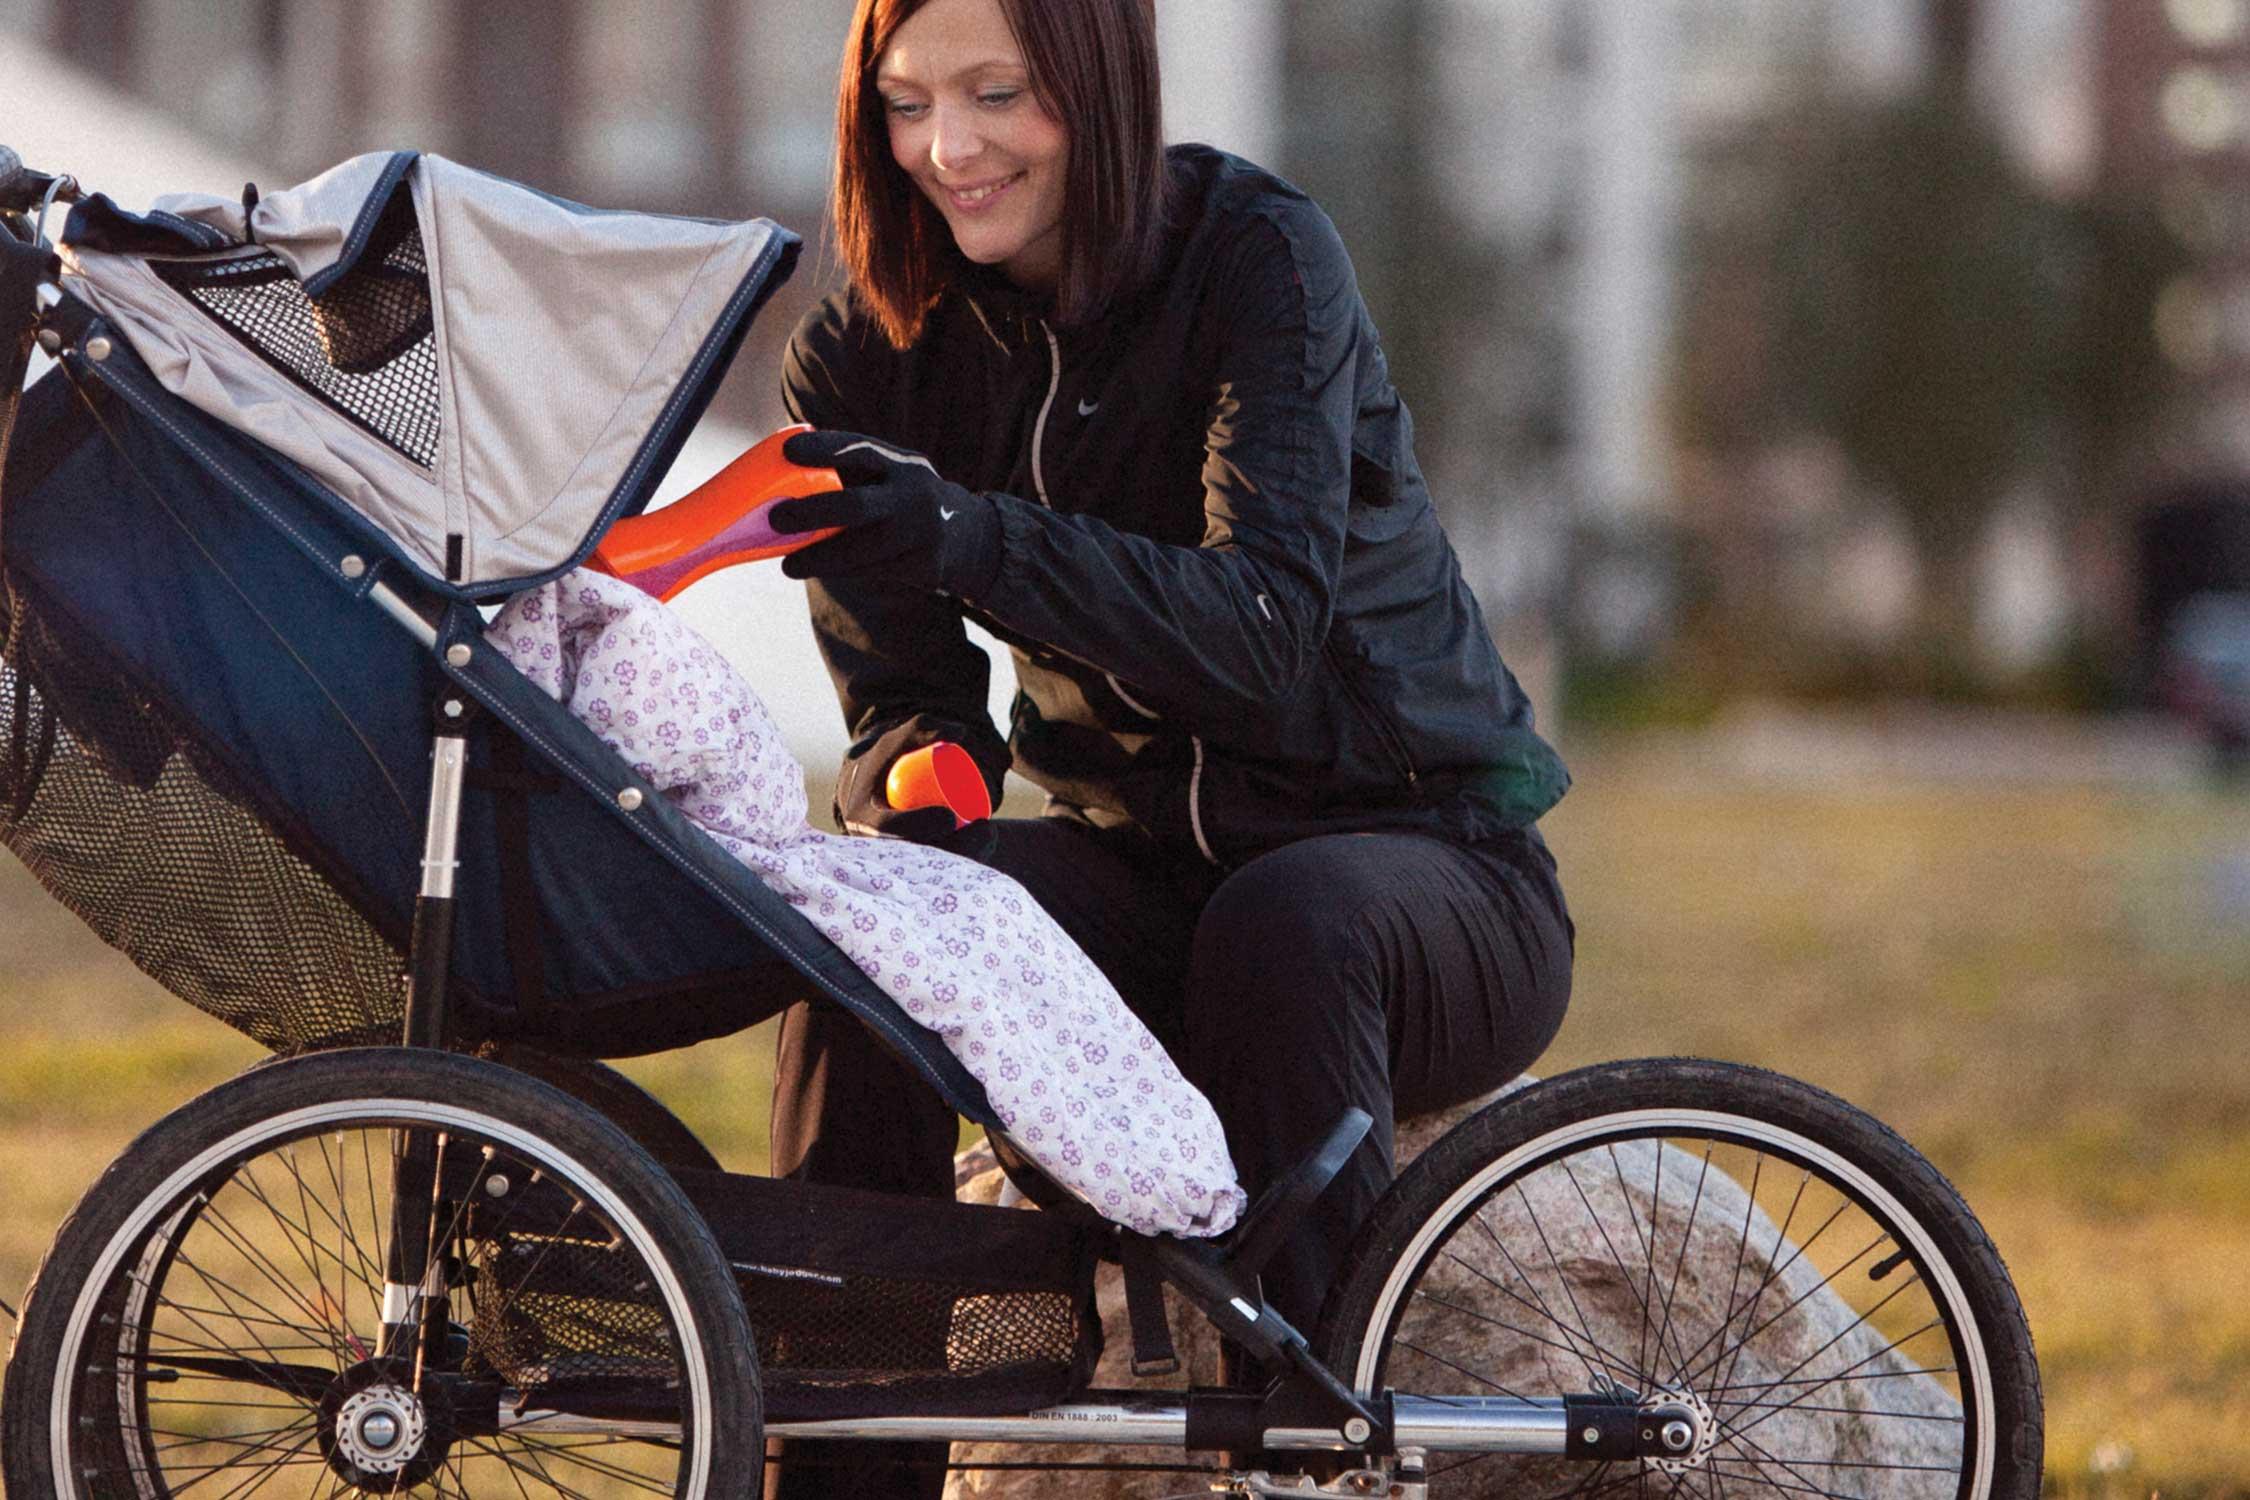 Stadtmama füttert unterwegs ihr Baby mit einer selbsterhitzenden iiamo Babyflasche